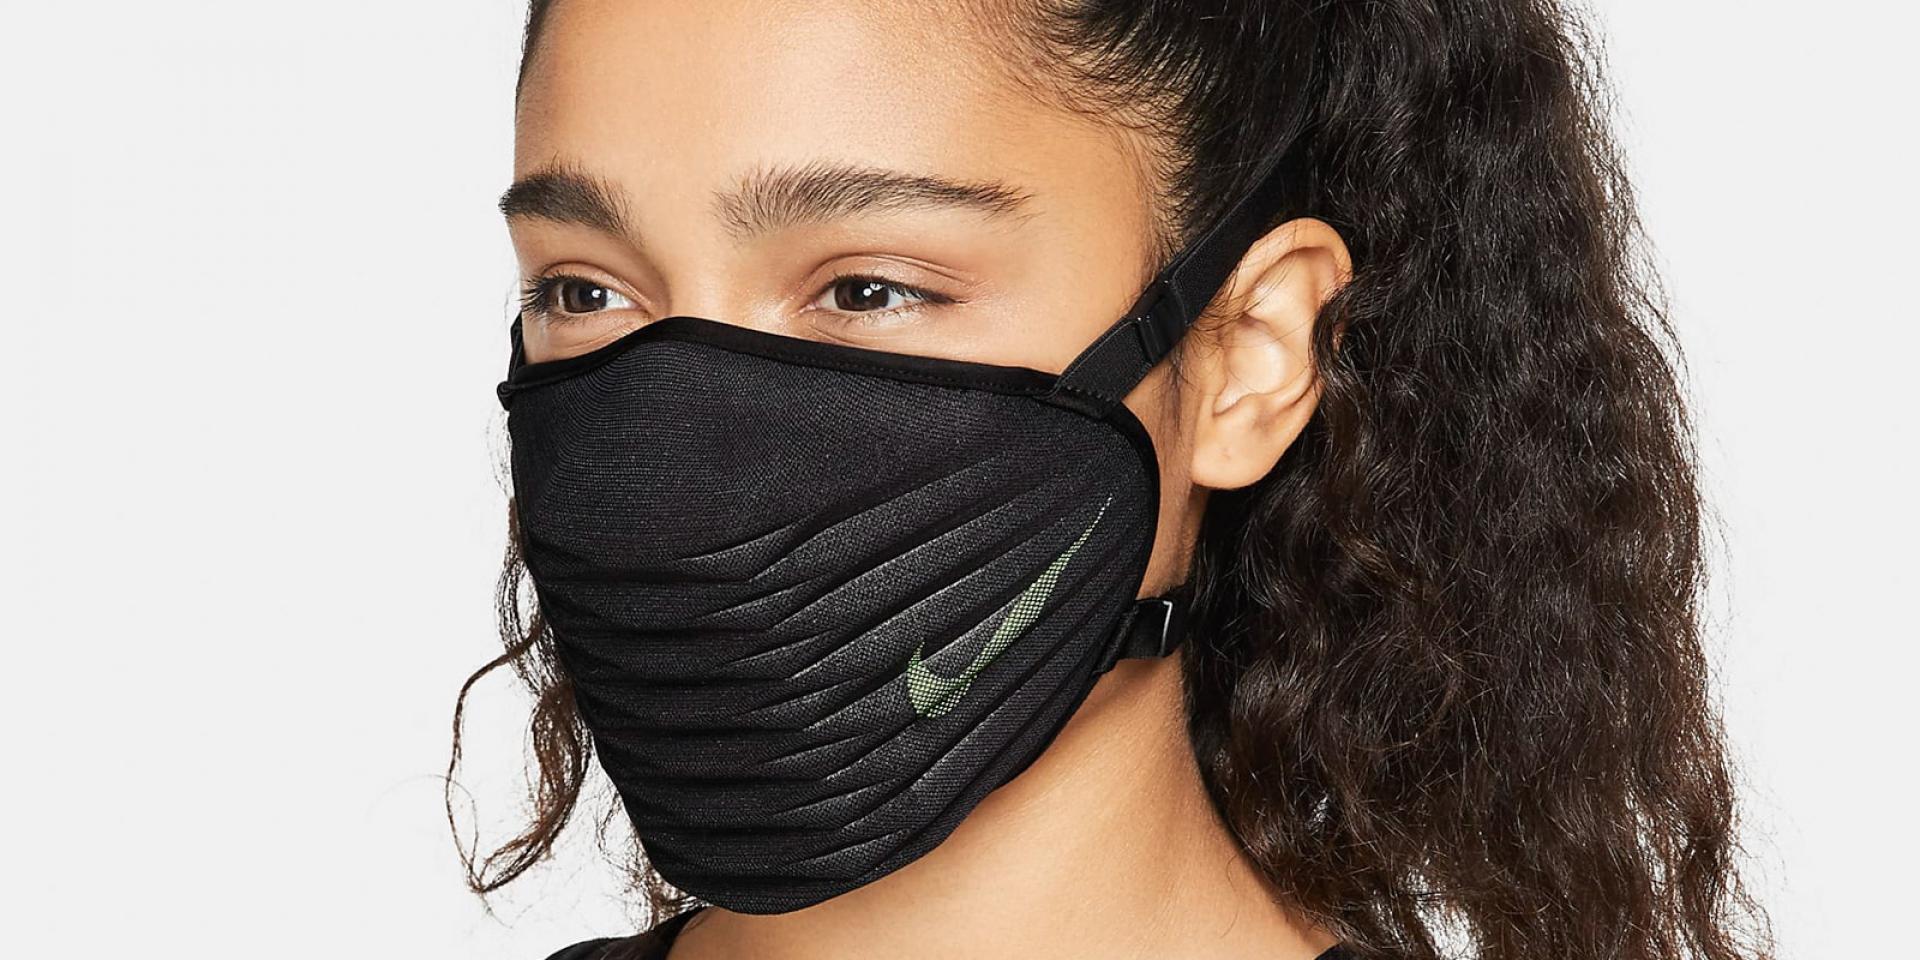 奧運首發!NIKE推出運動用口罩